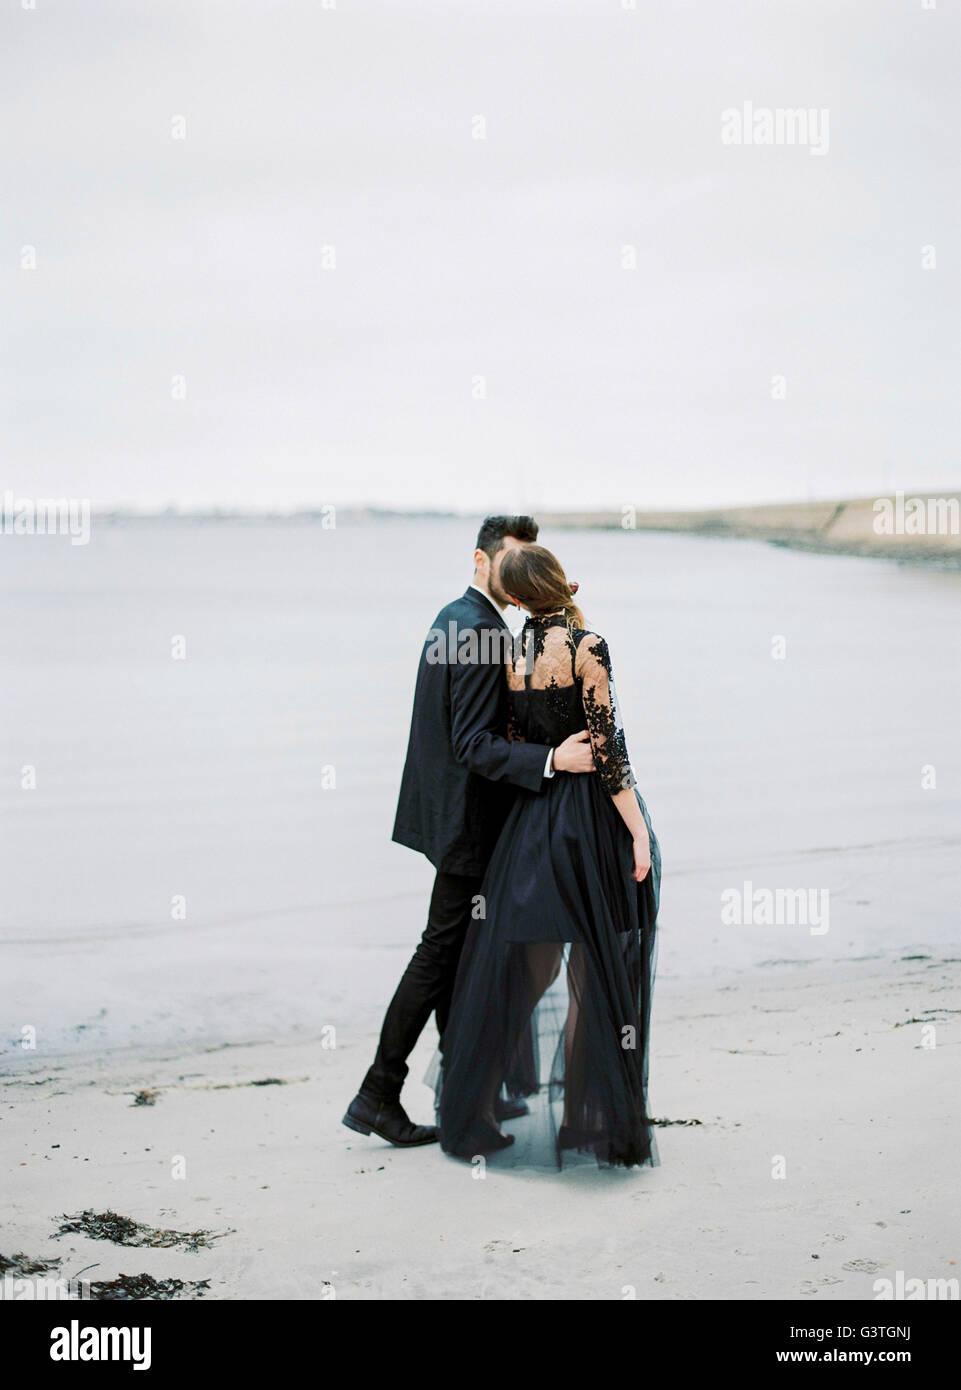 La Suède, Halland, Varberg, jeune couple walking along habillés formellement beach Photo Stock